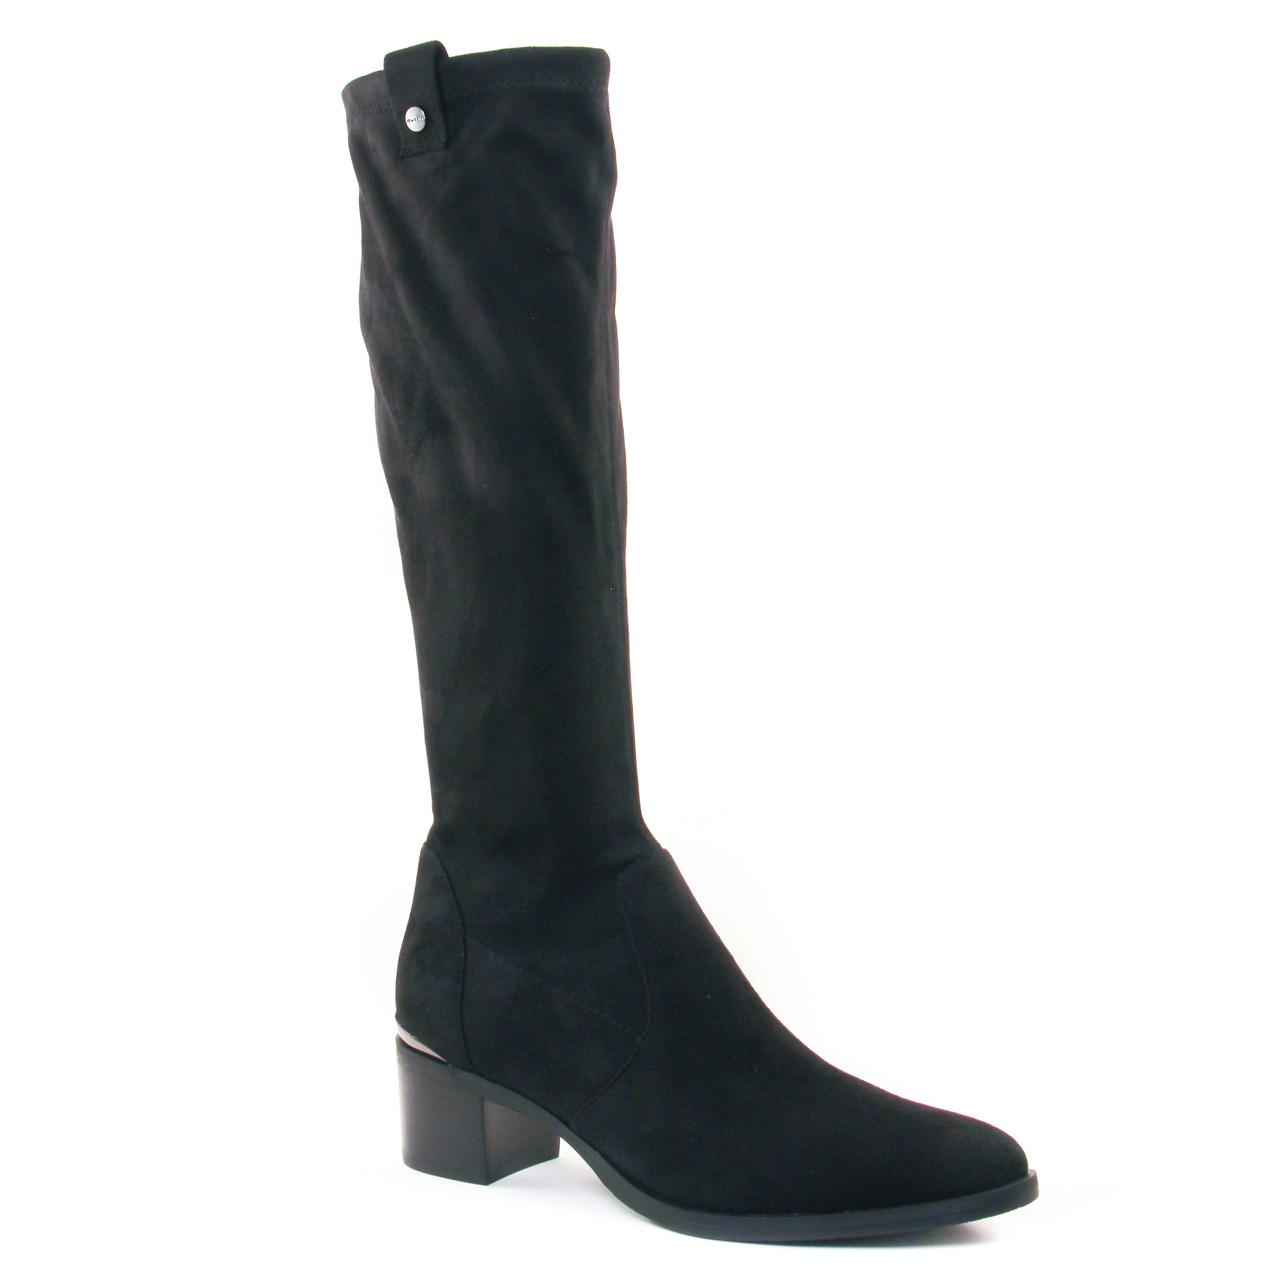 jb martin encre noir botte stretch noir automne hiver chez trois par 3. Black Bedroom Furniture Sets. Home Design Ideas